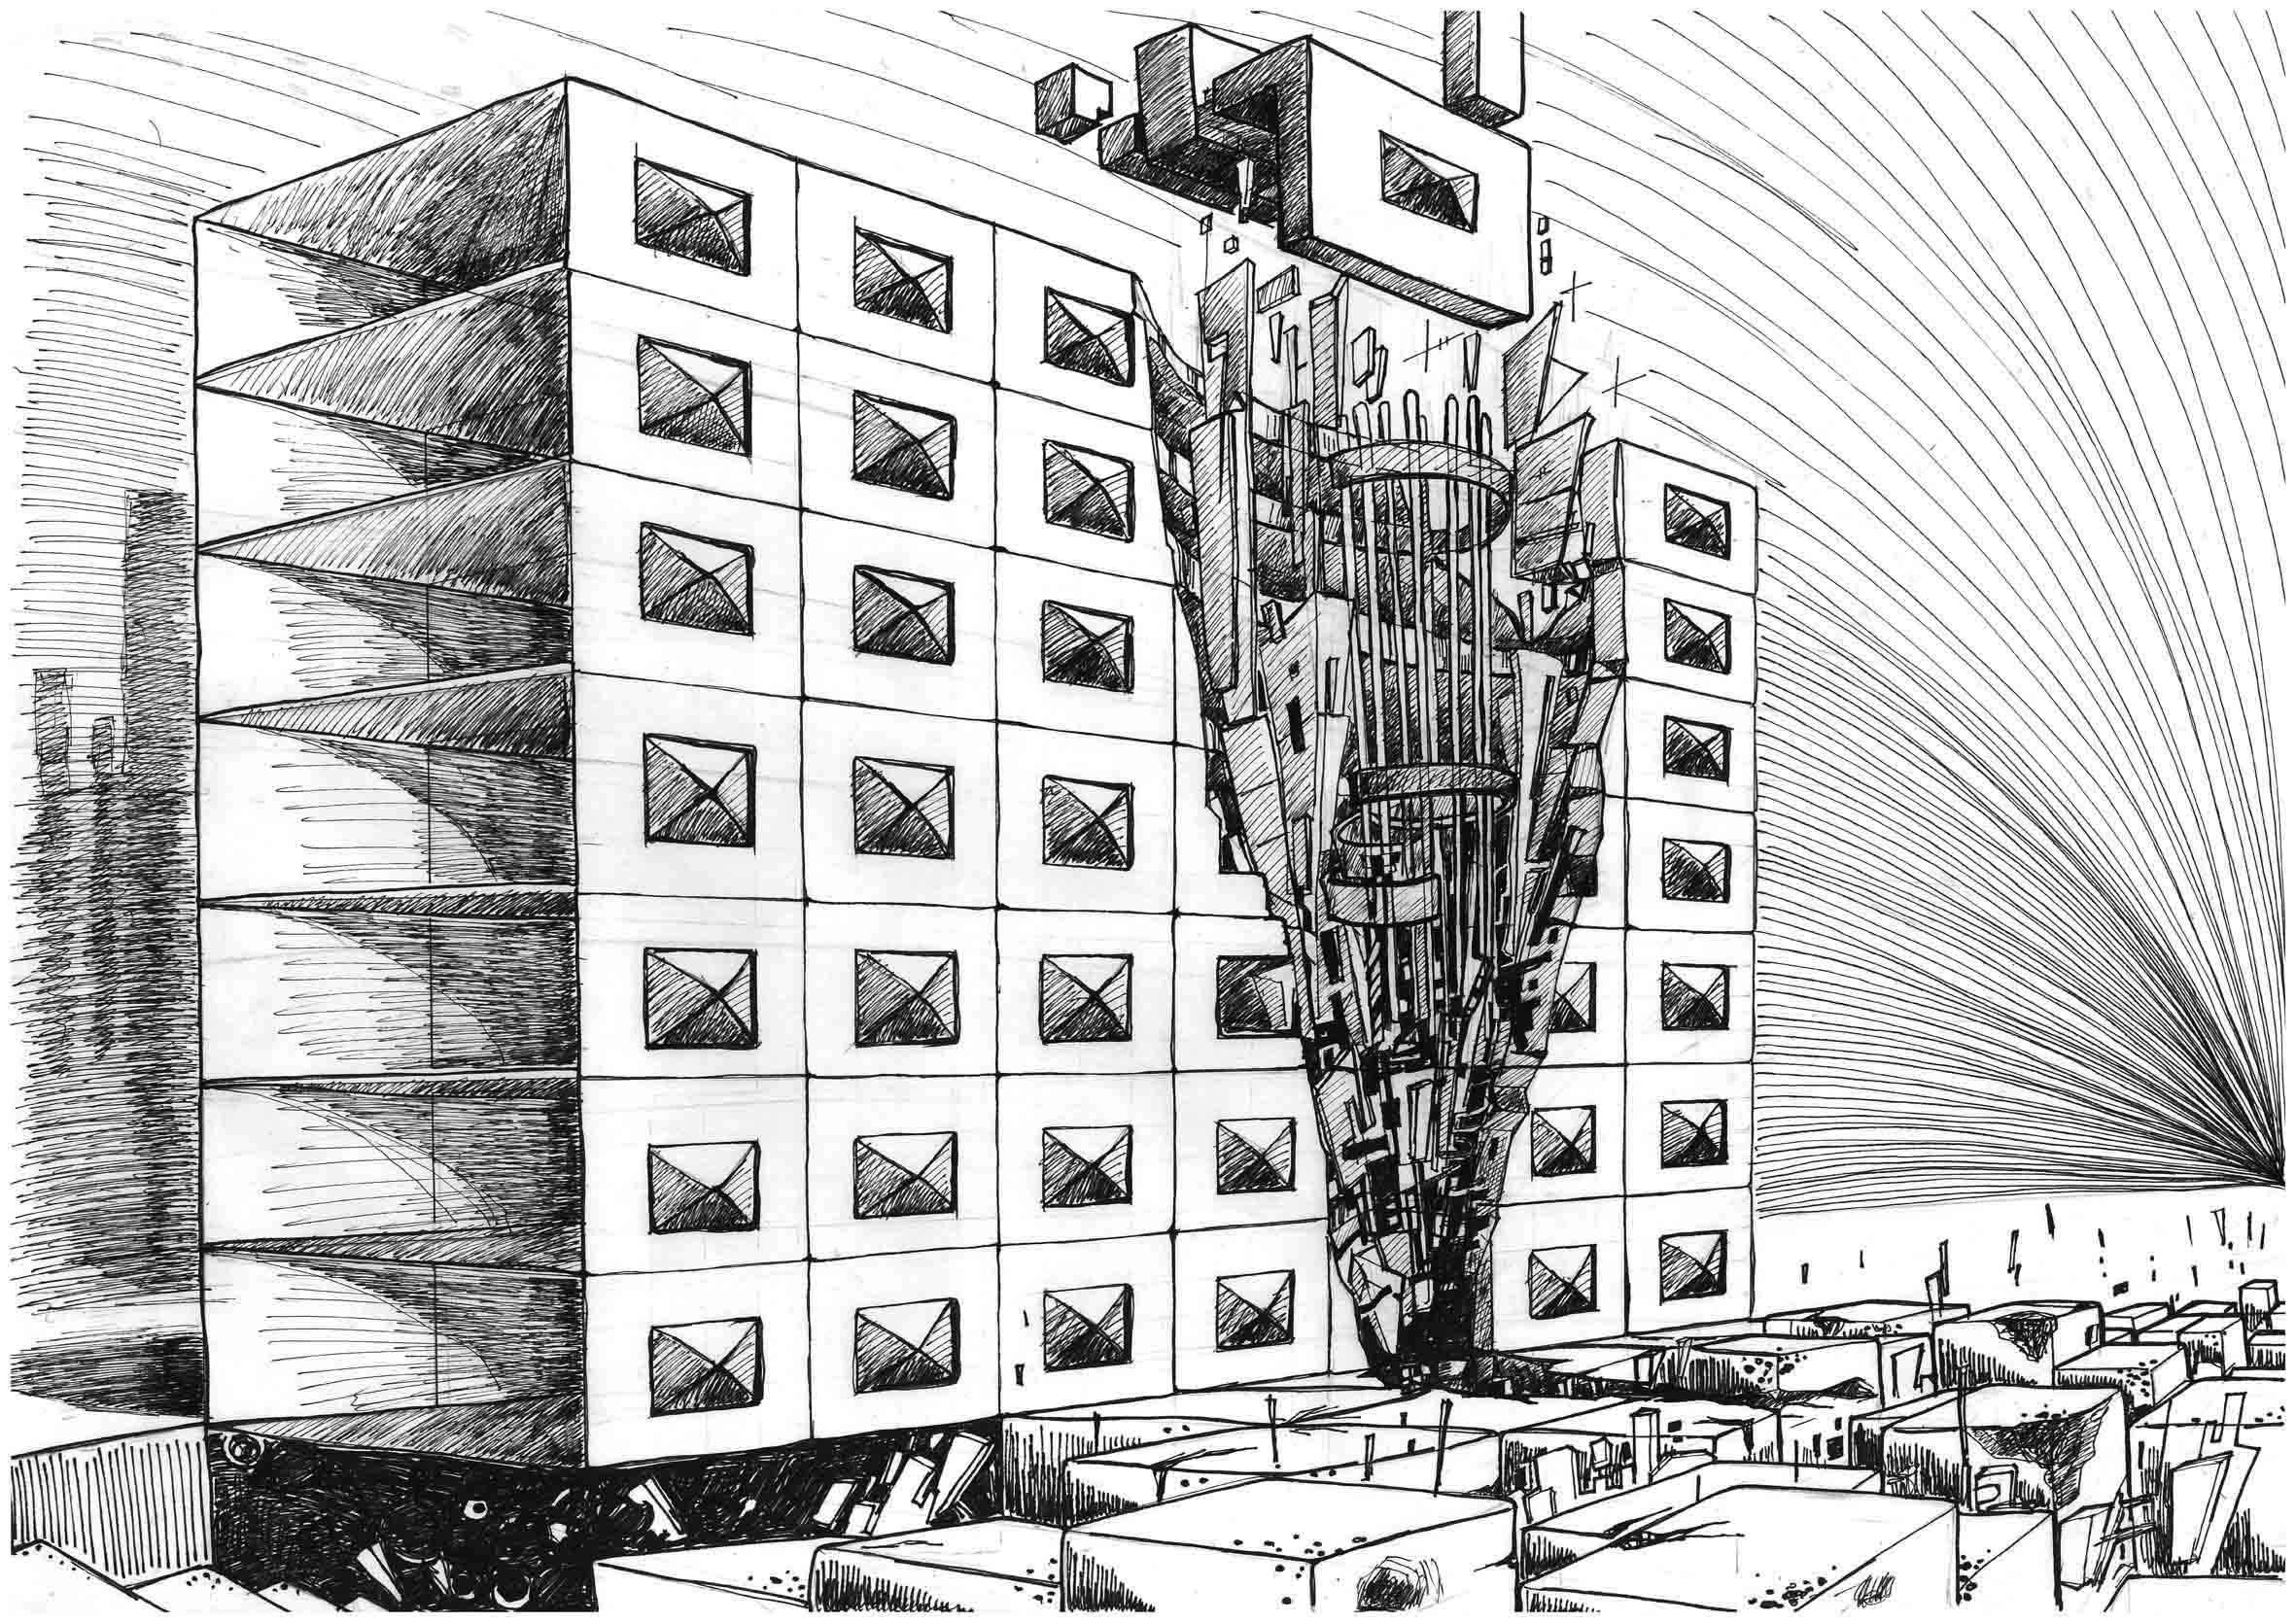 architecture #9